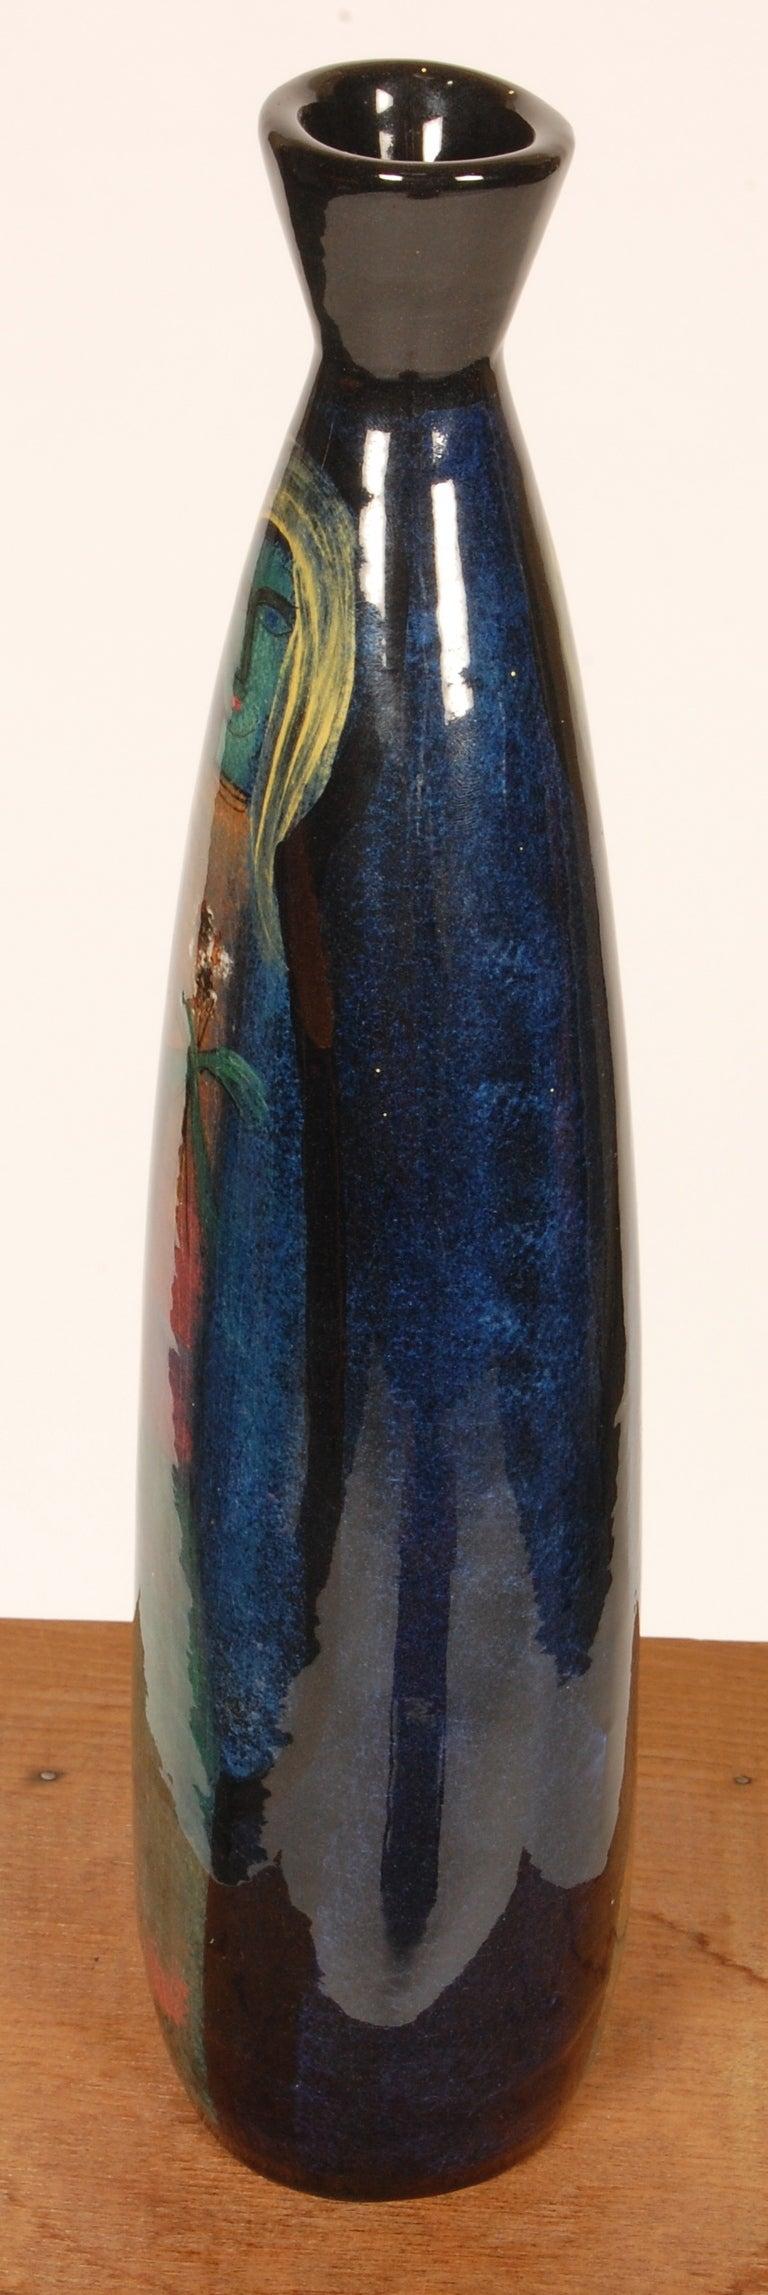 Pola Pillin Vase 4